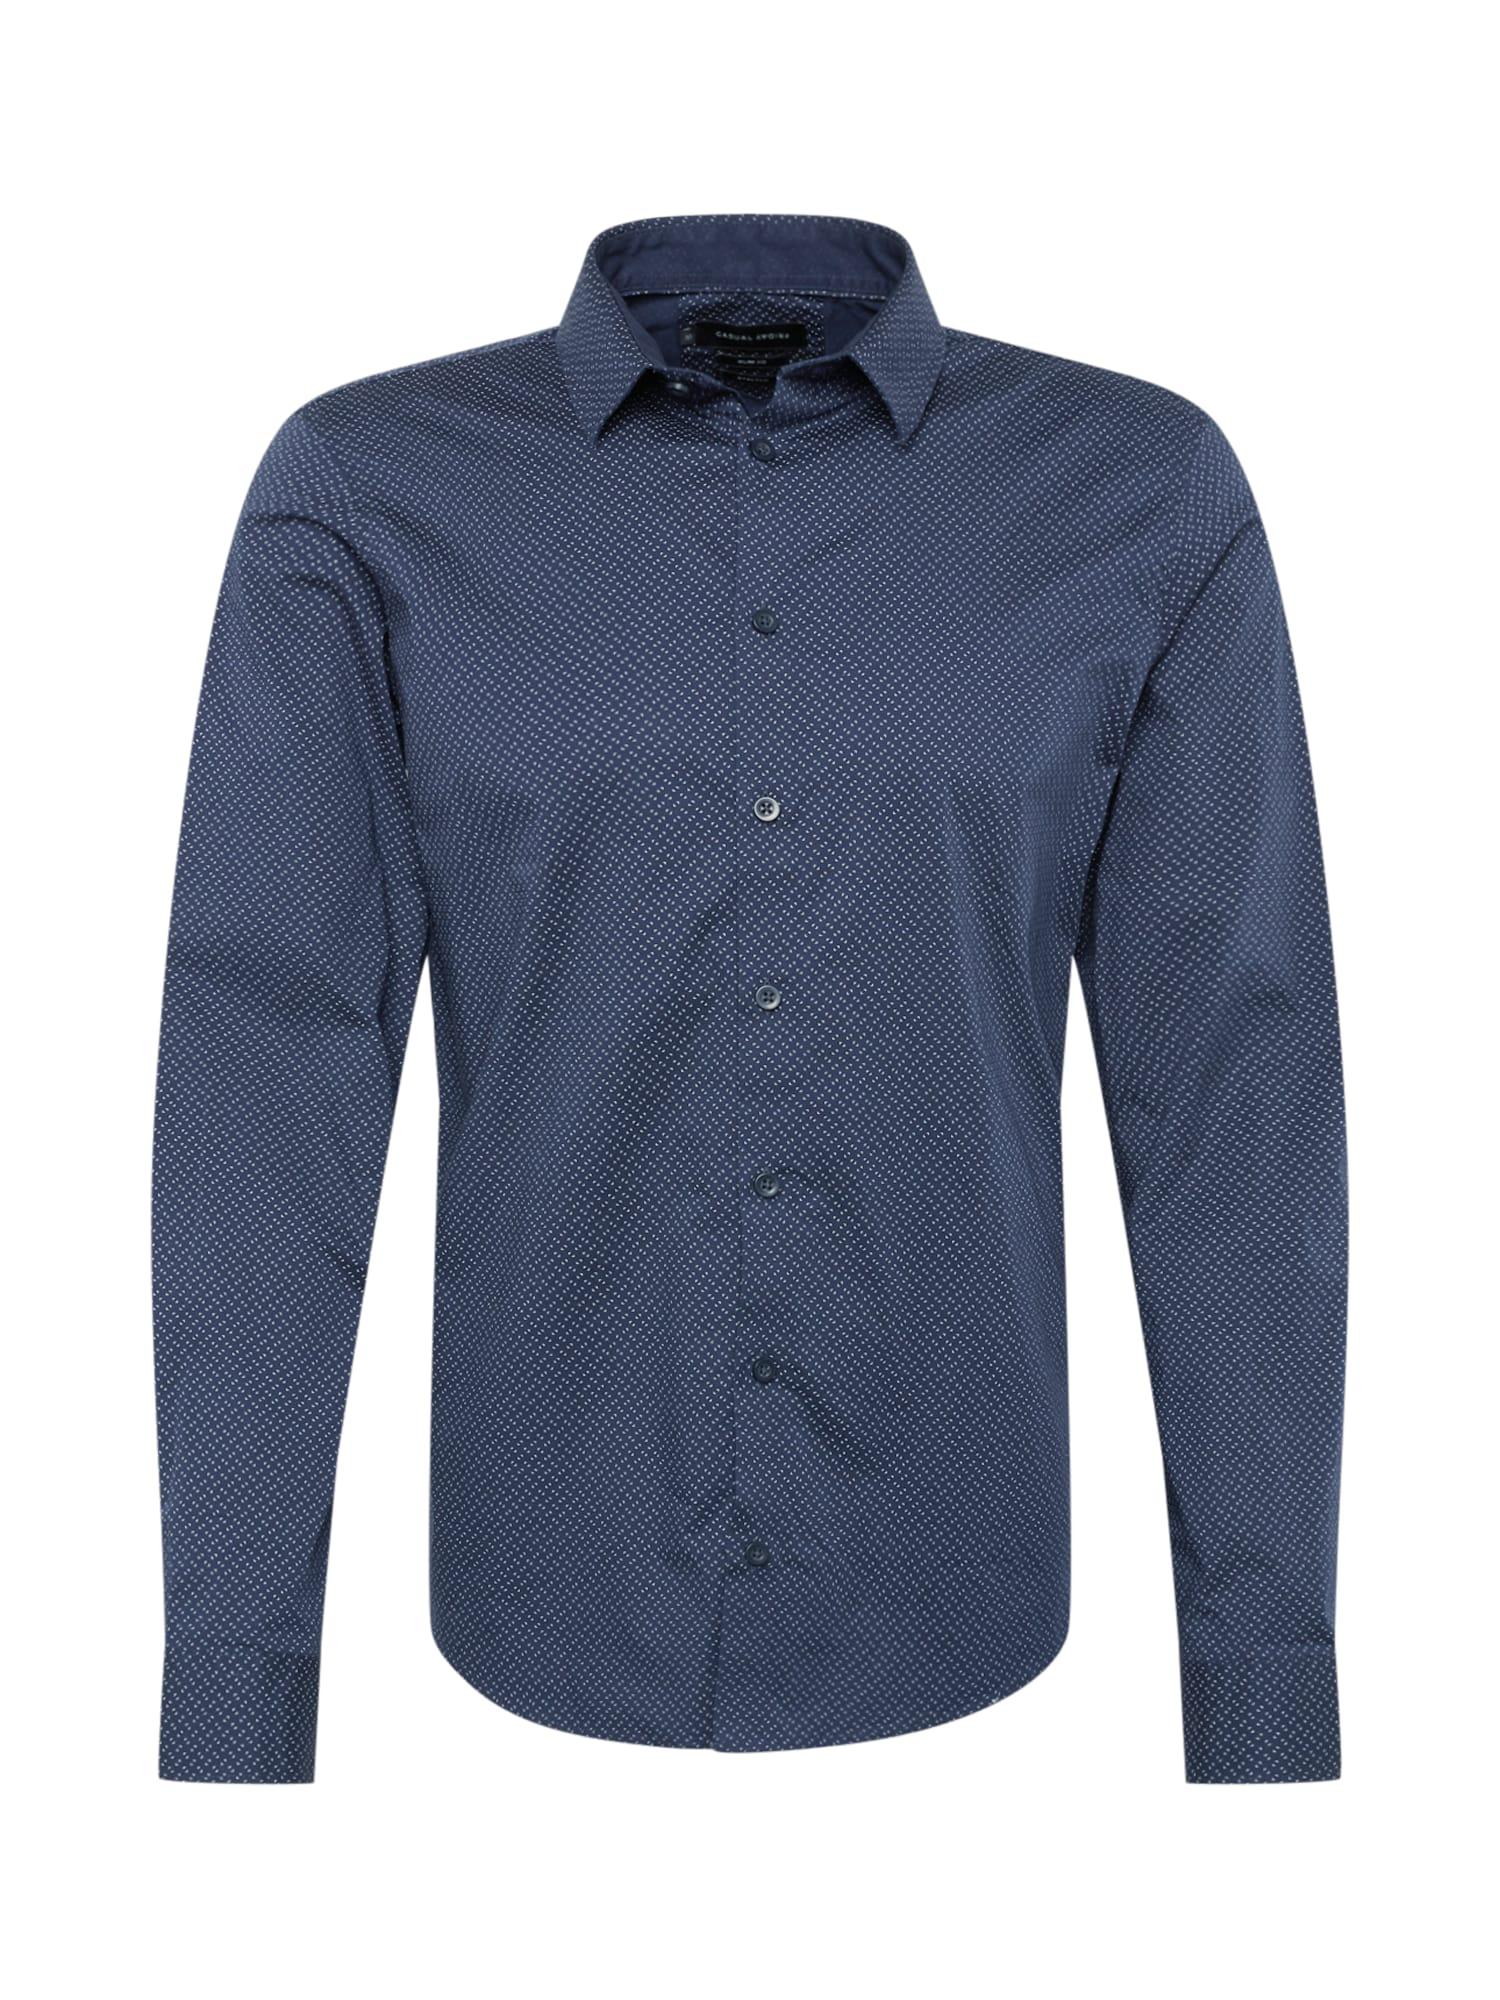 Košile Woven noční modrá Casual Friday